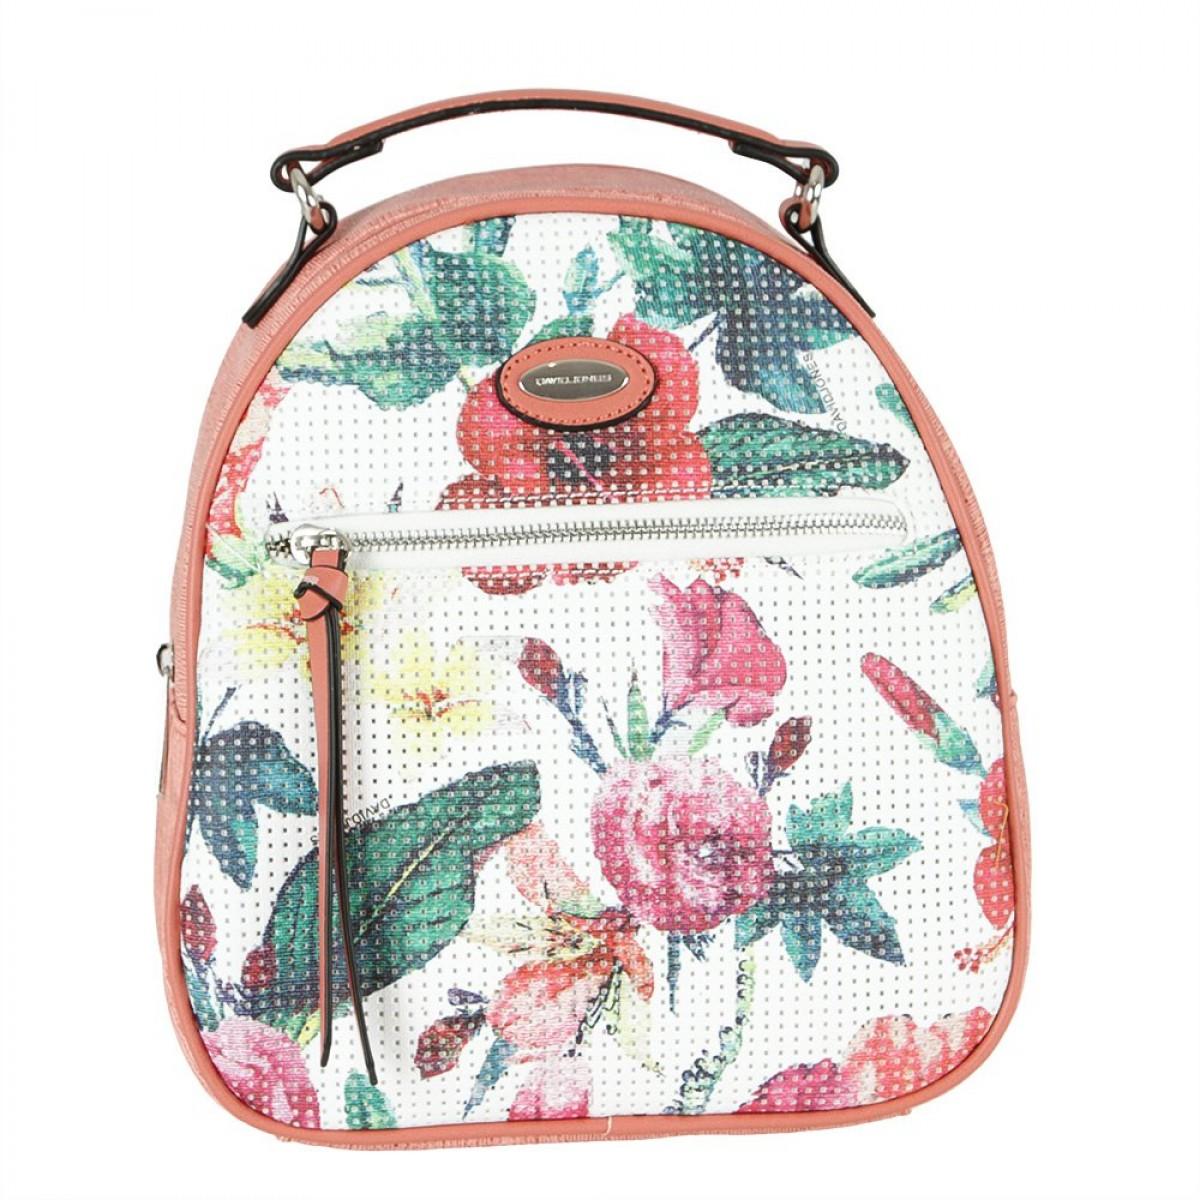 Жіночий рюкзак David Jones 6298-2 RASPBERRY